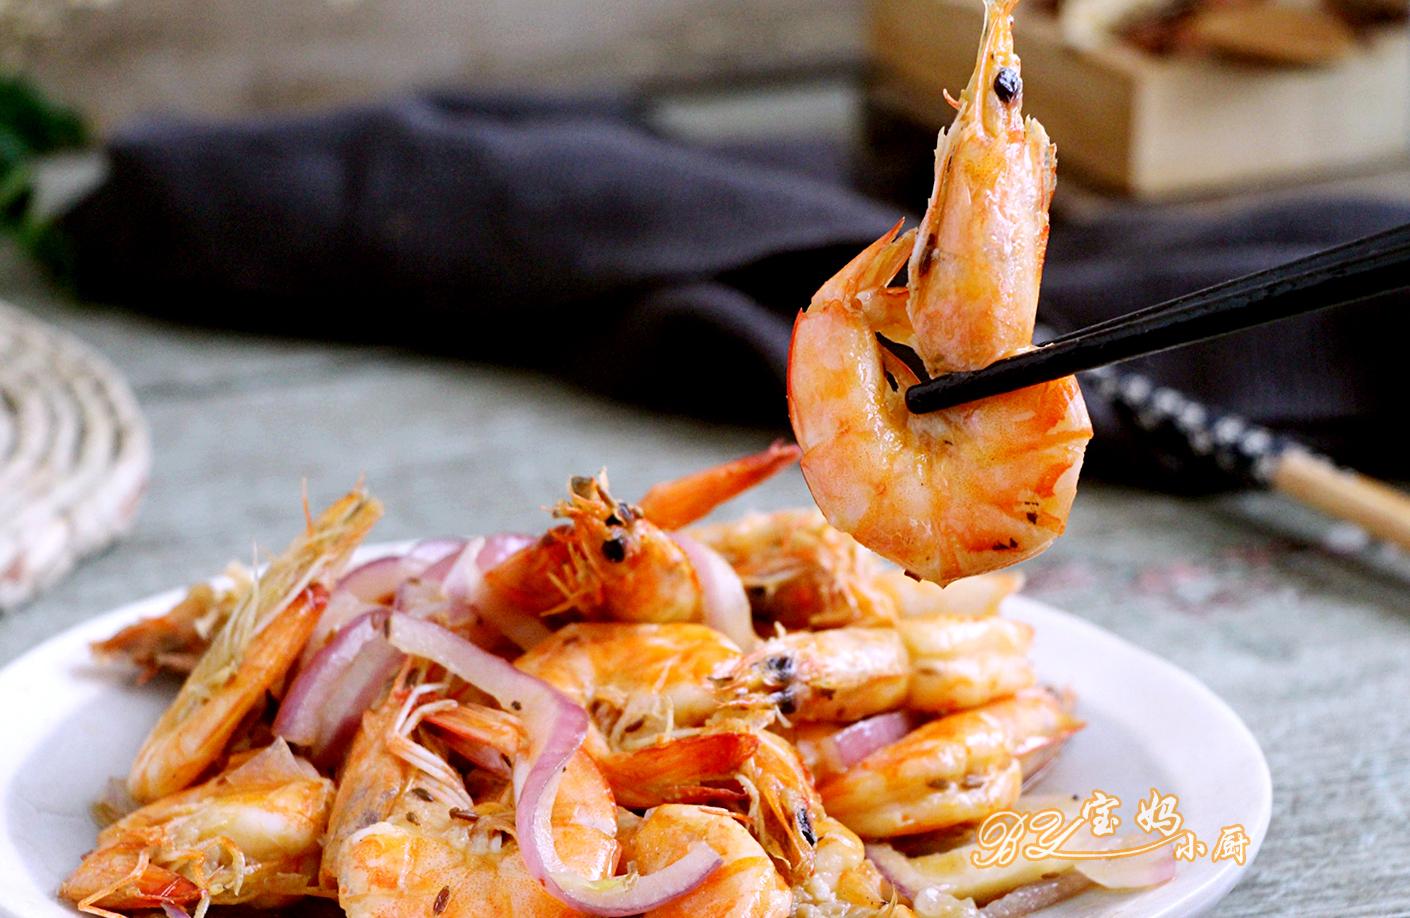 每次都吃一盘,大虾又快又简单培根食材:原版300克,正文110克,孜英文名言洋葱做法图片